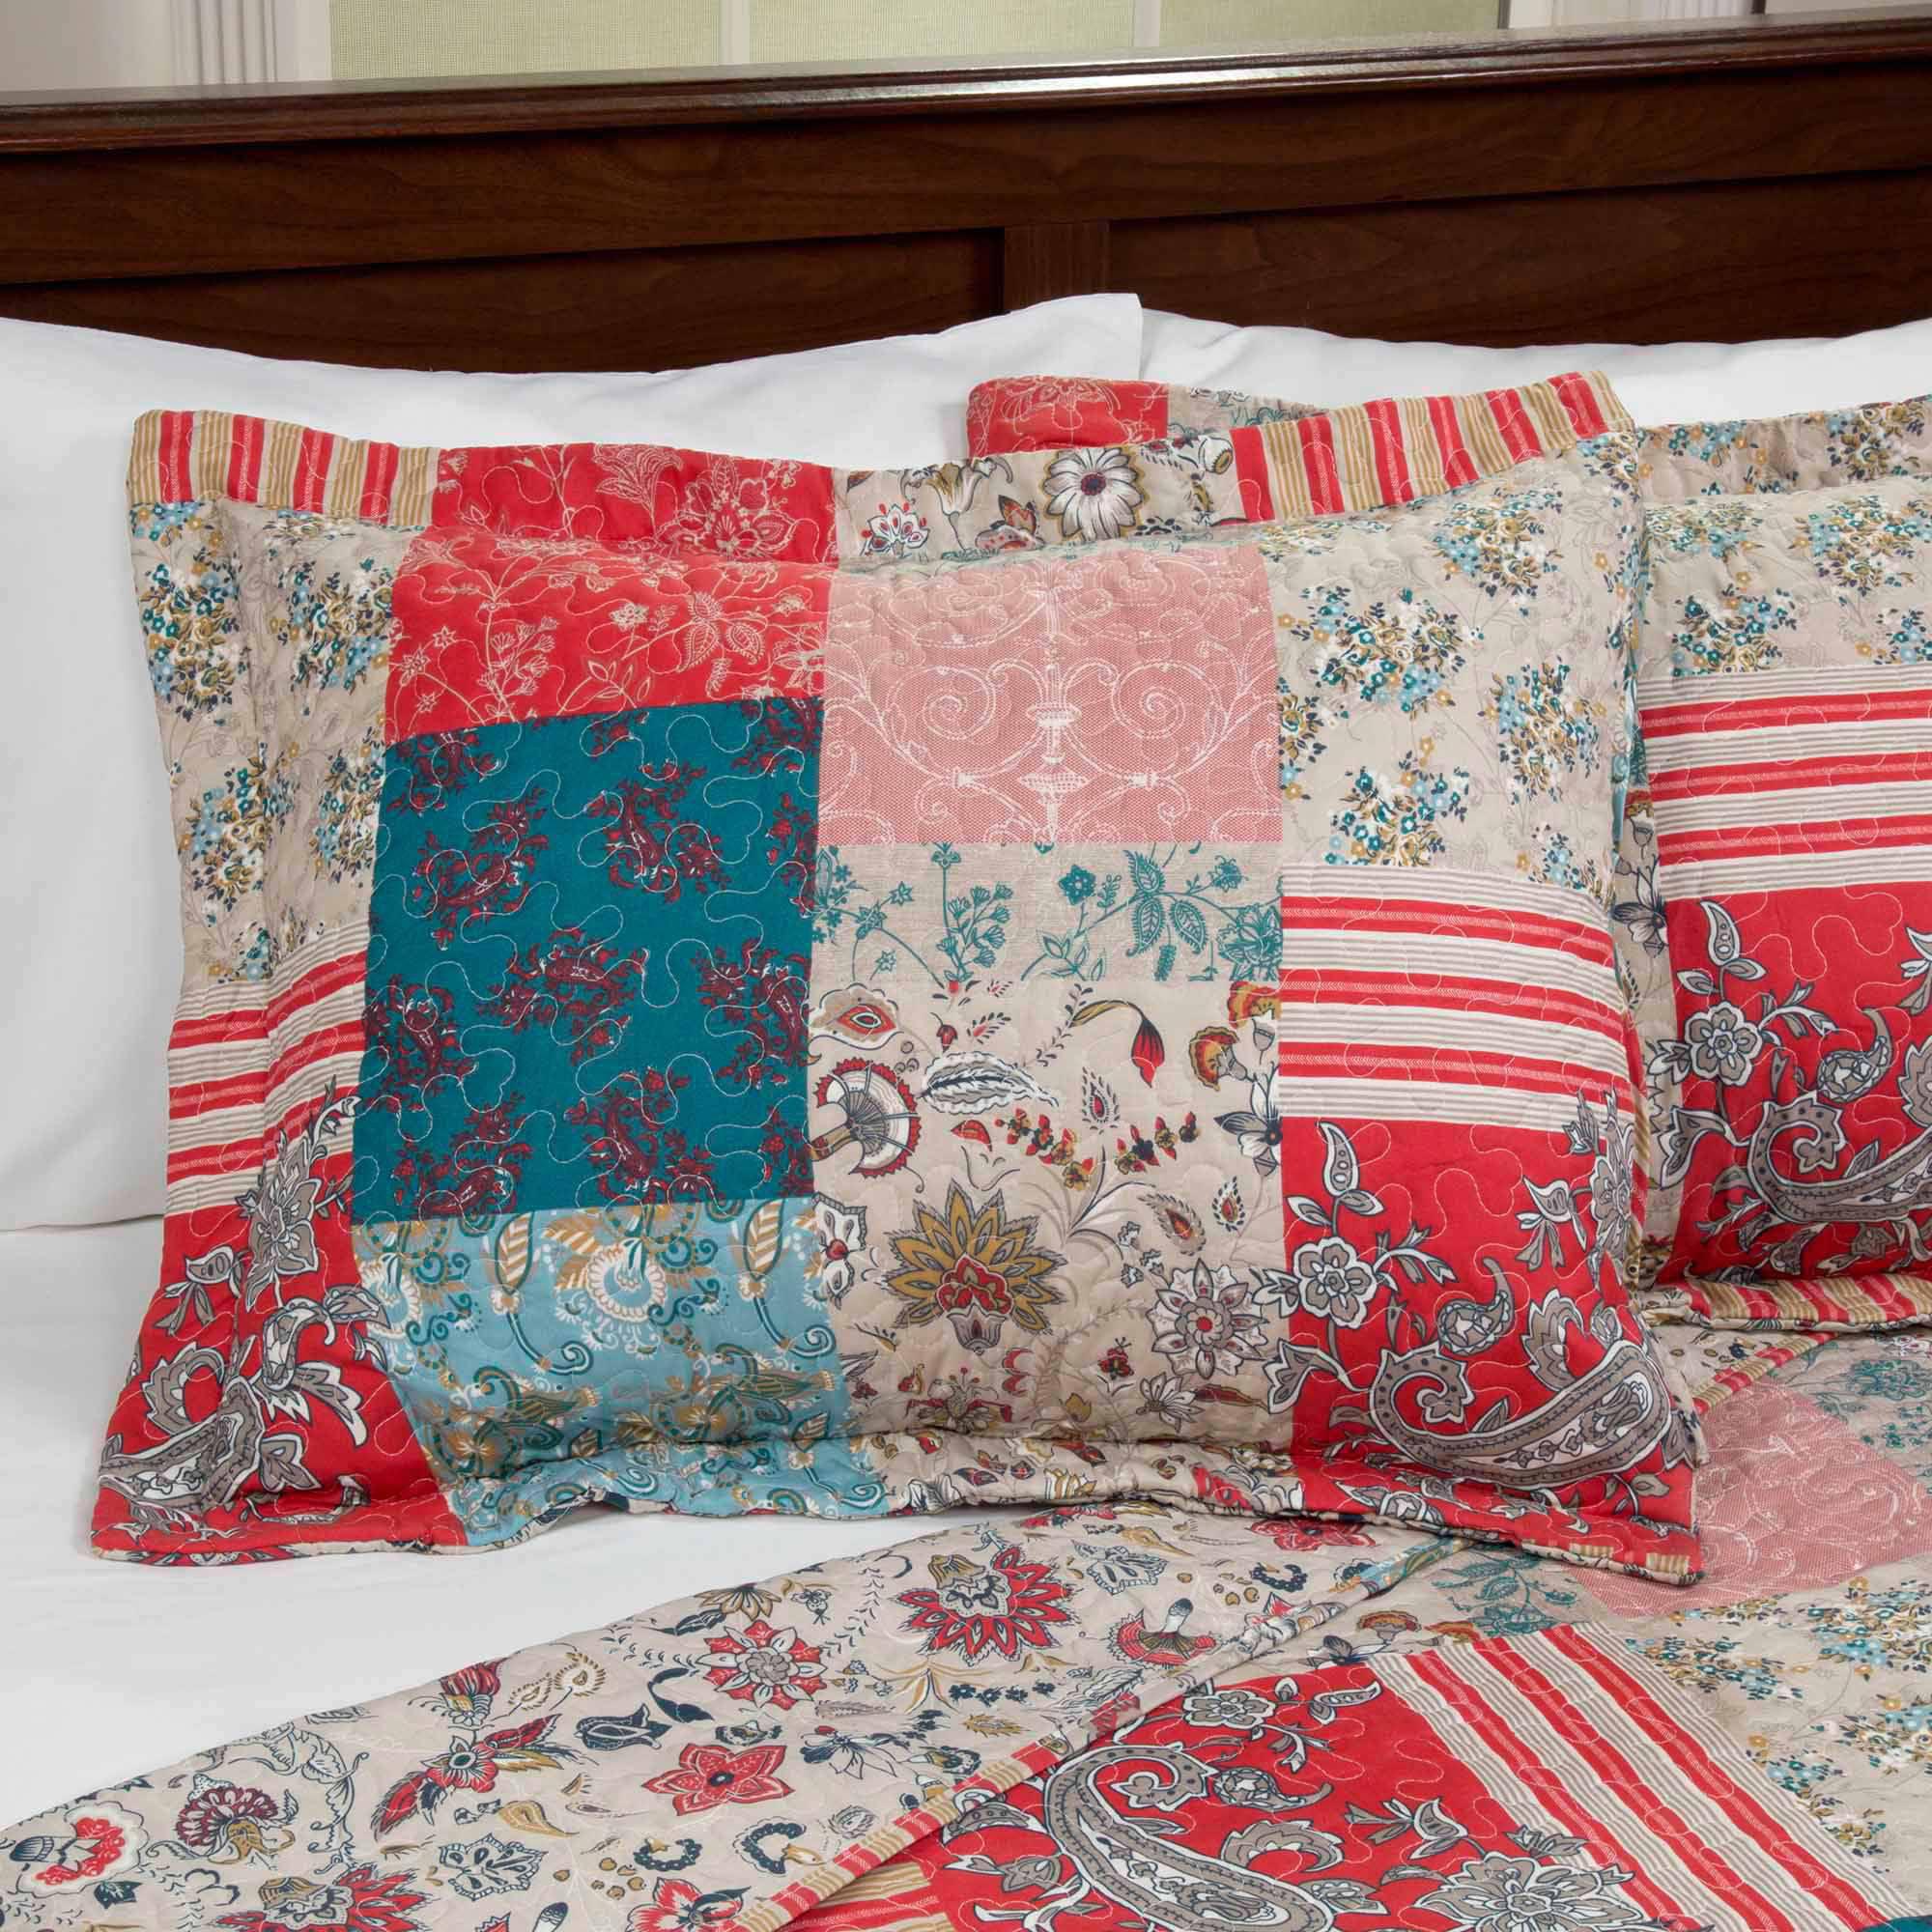 Somerset Home Premium Mallory Patchwork 3 Piece Full Queen Quilt Bedding Set Walmart Com Walmart Com